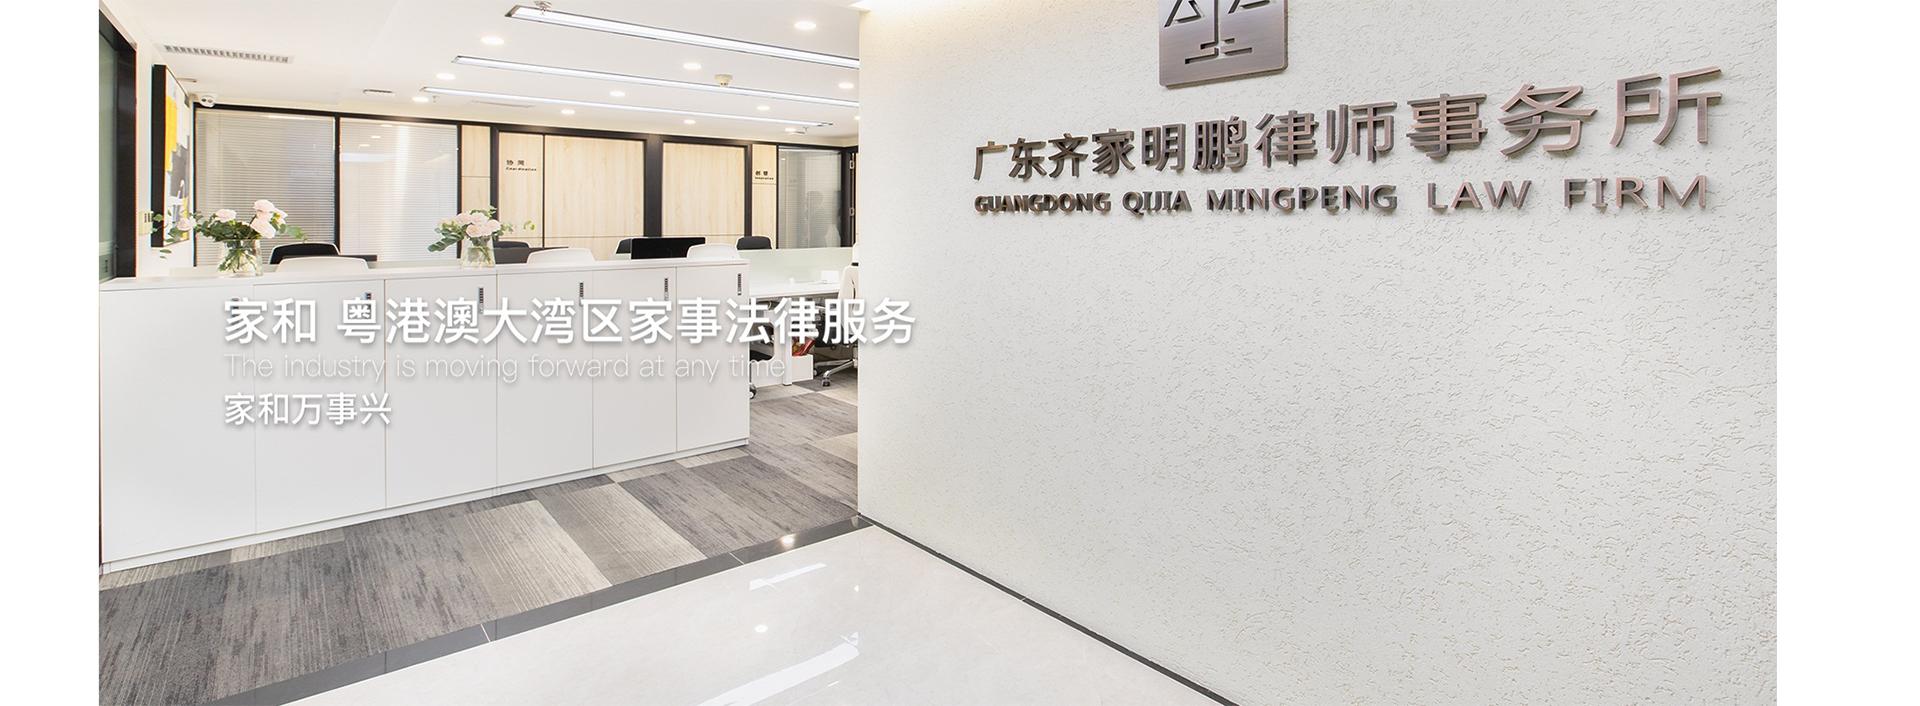 深圳婚姻家事律师